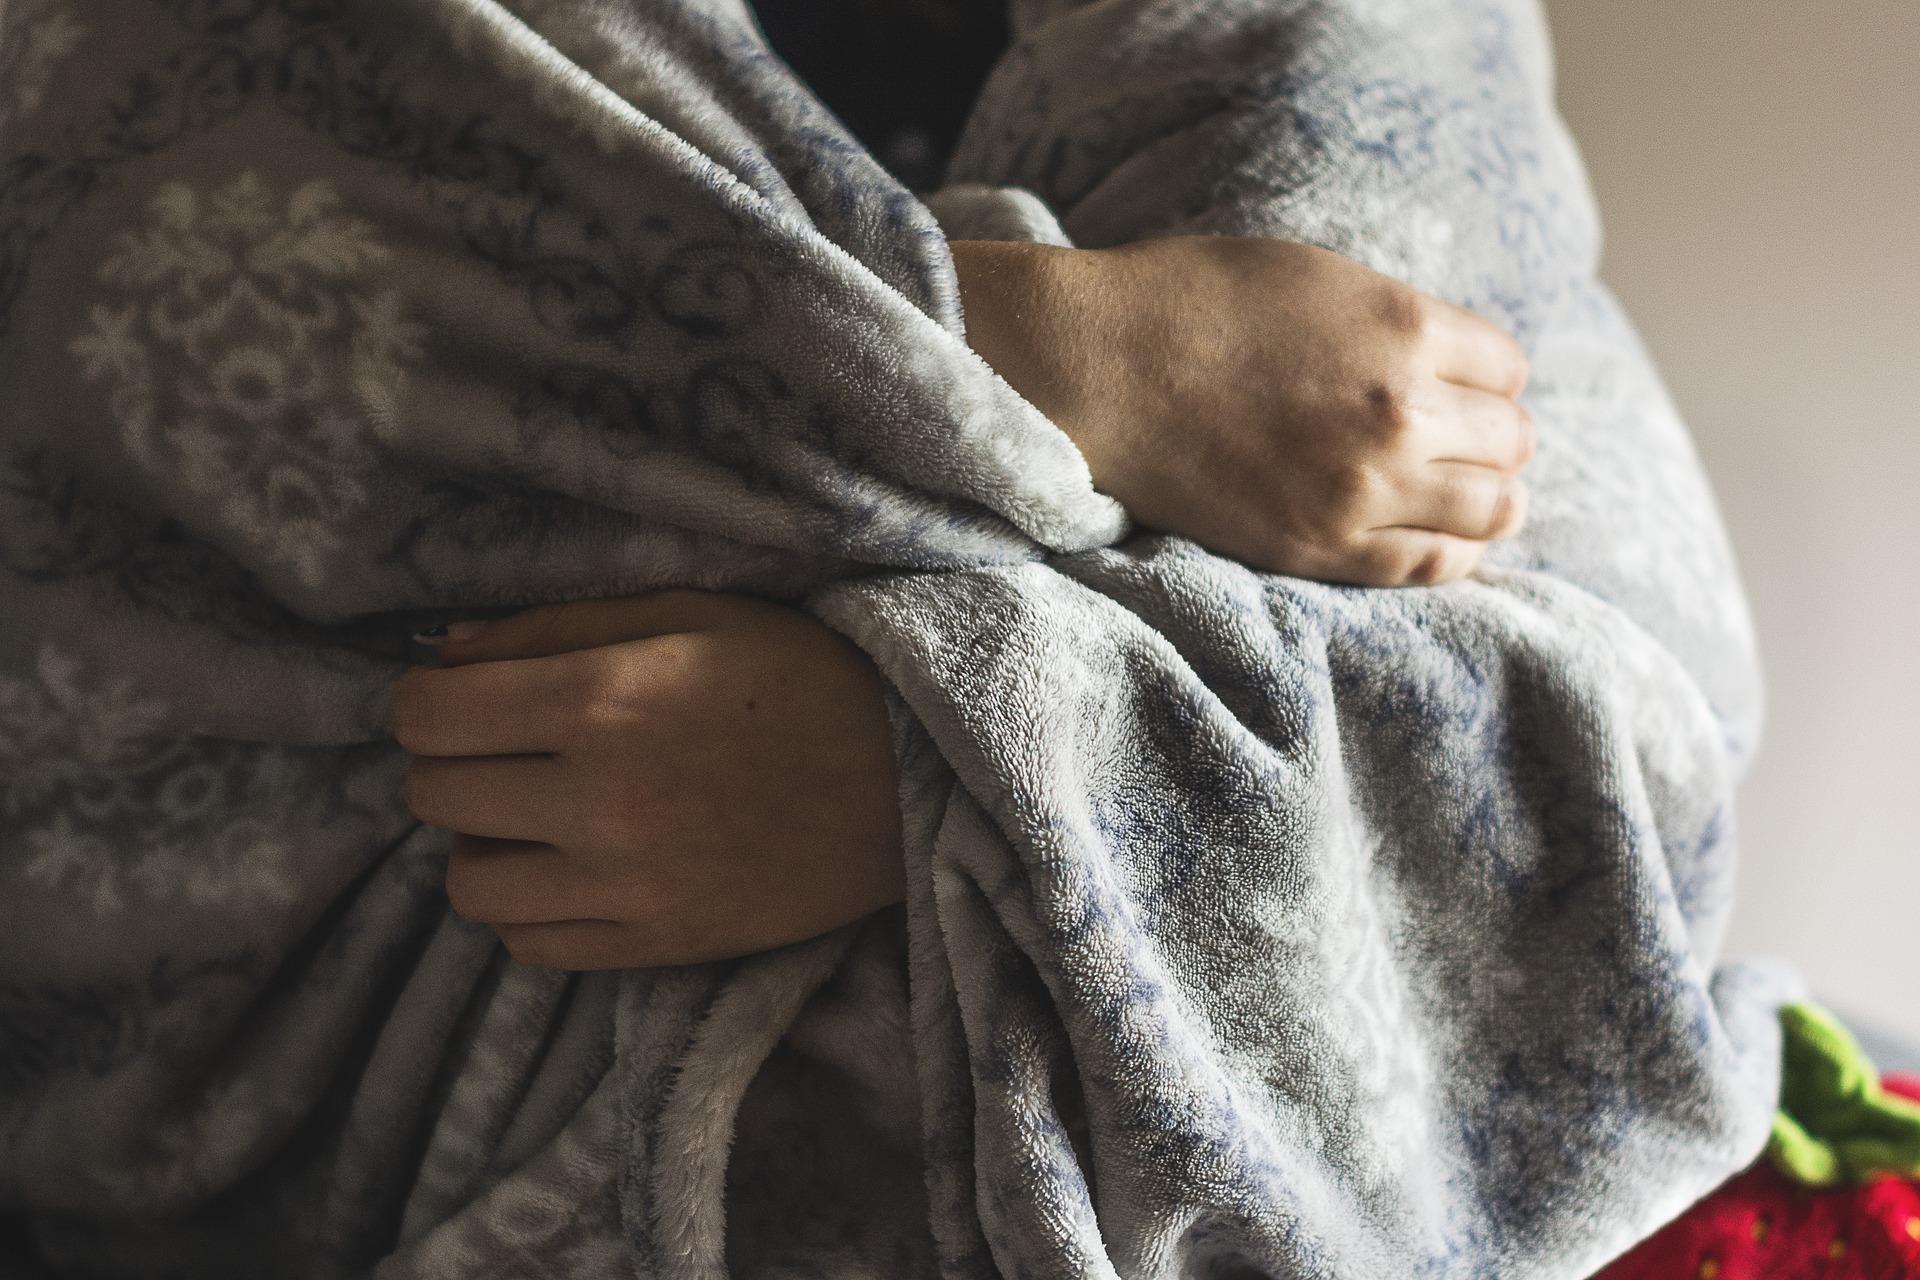 Co czwarty pacjent nie pracuje z powodu przewlekłej choroby